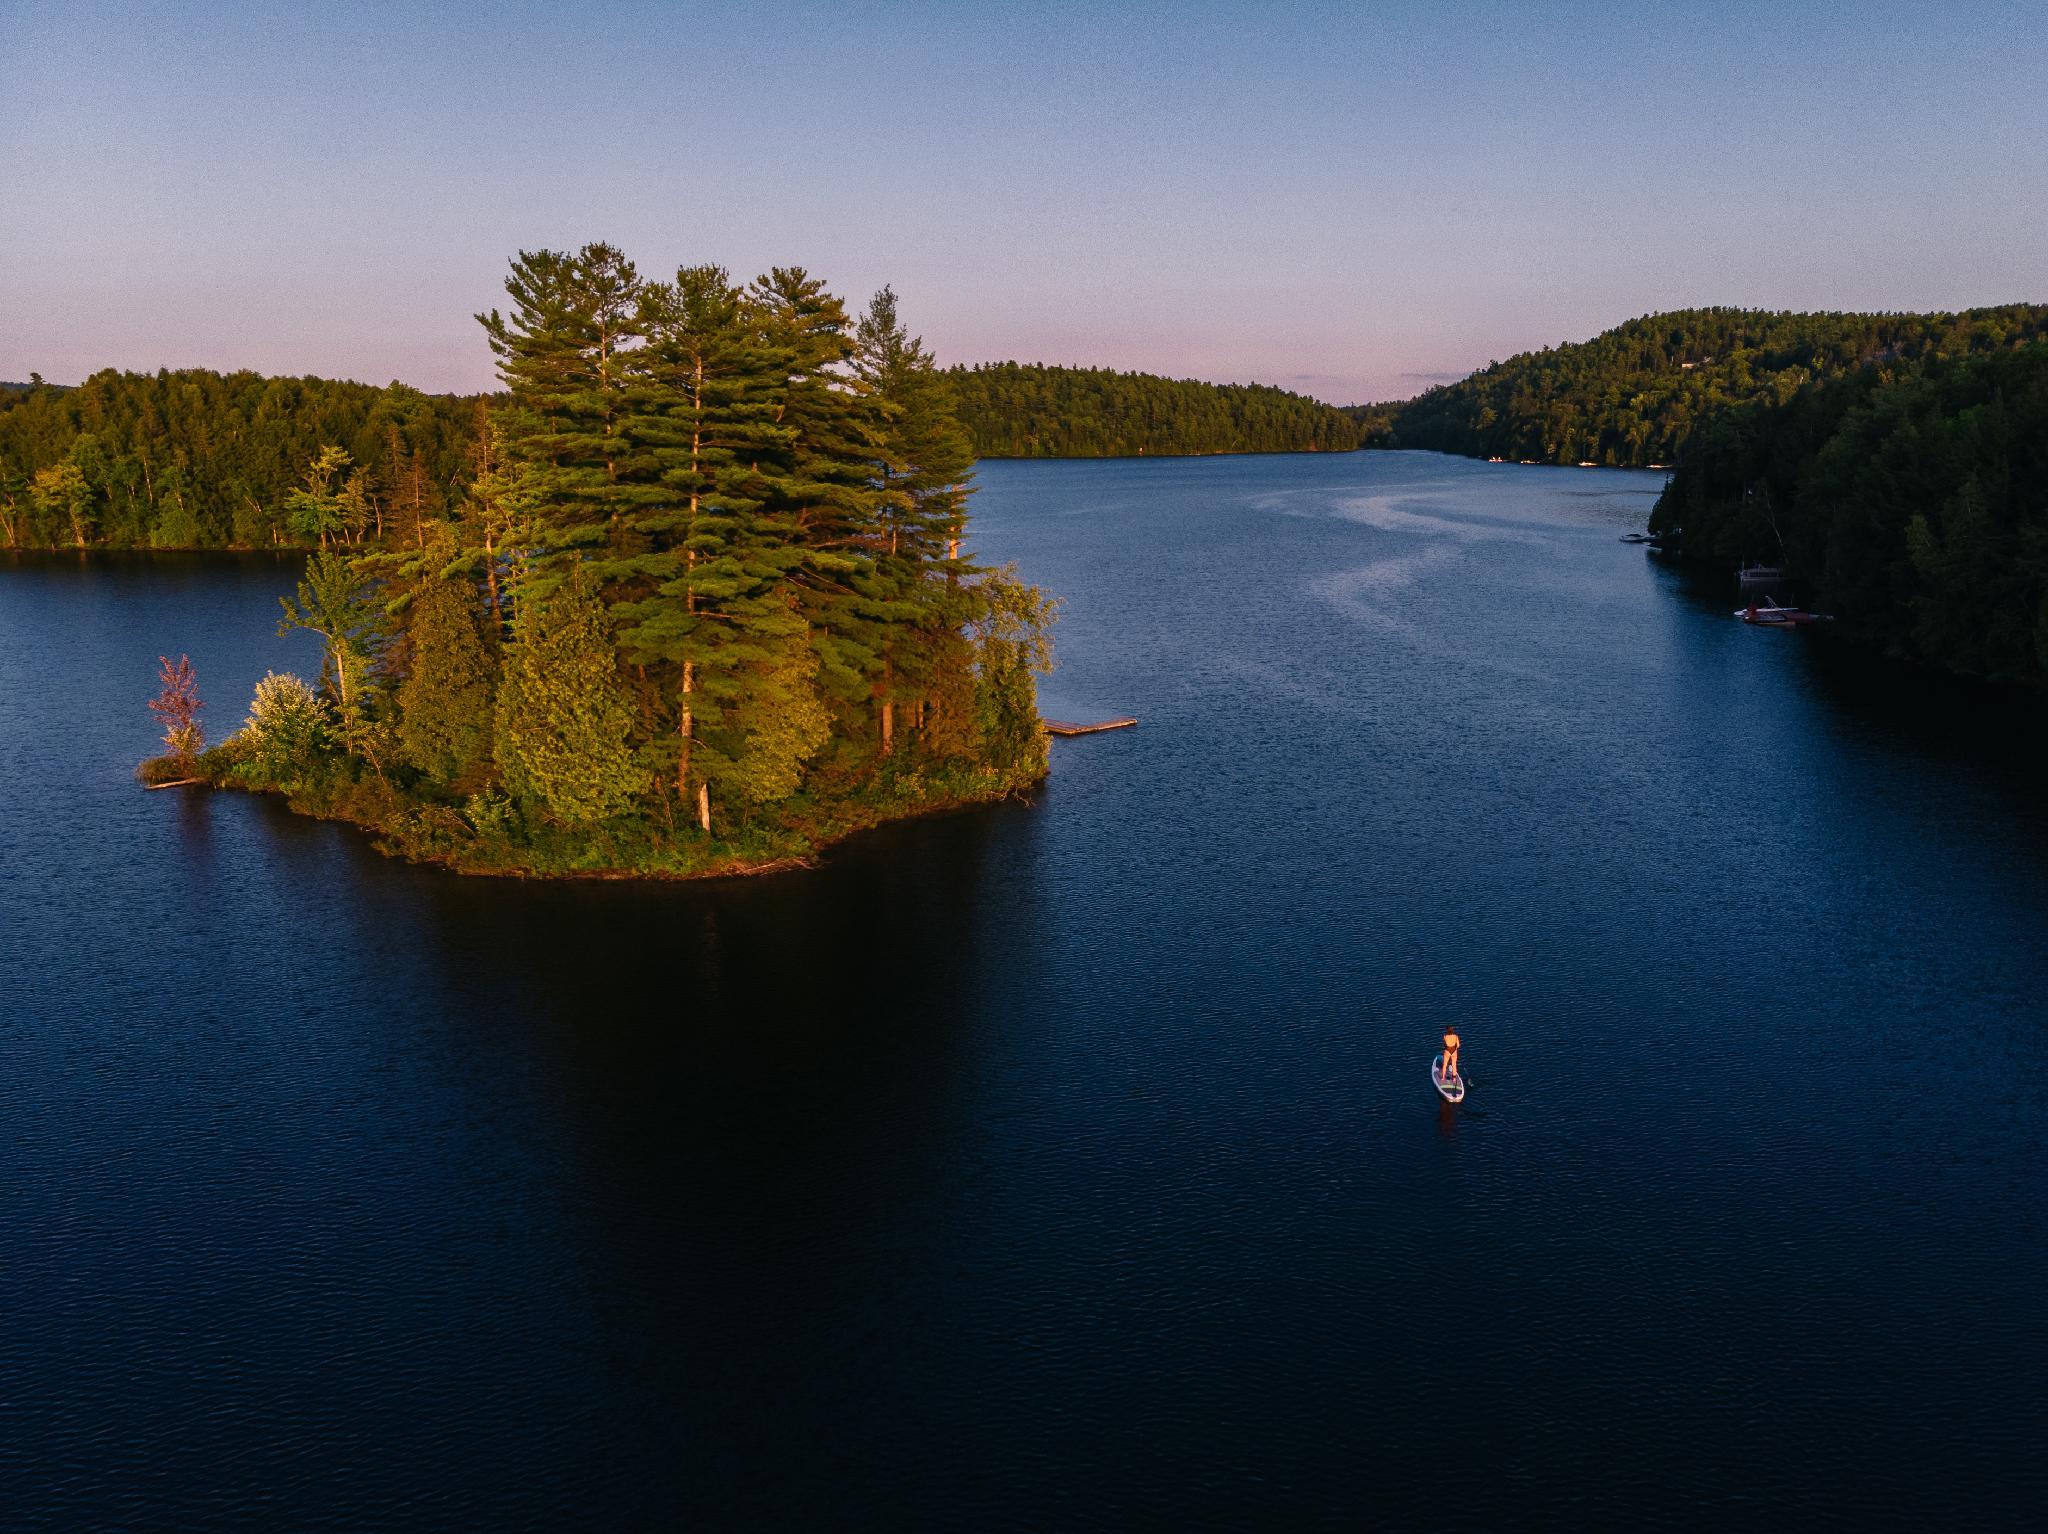 Planche à pagaie sur le lac McGregor (planches à pagaie fournies gratuitement avec vestes de sauvetage)